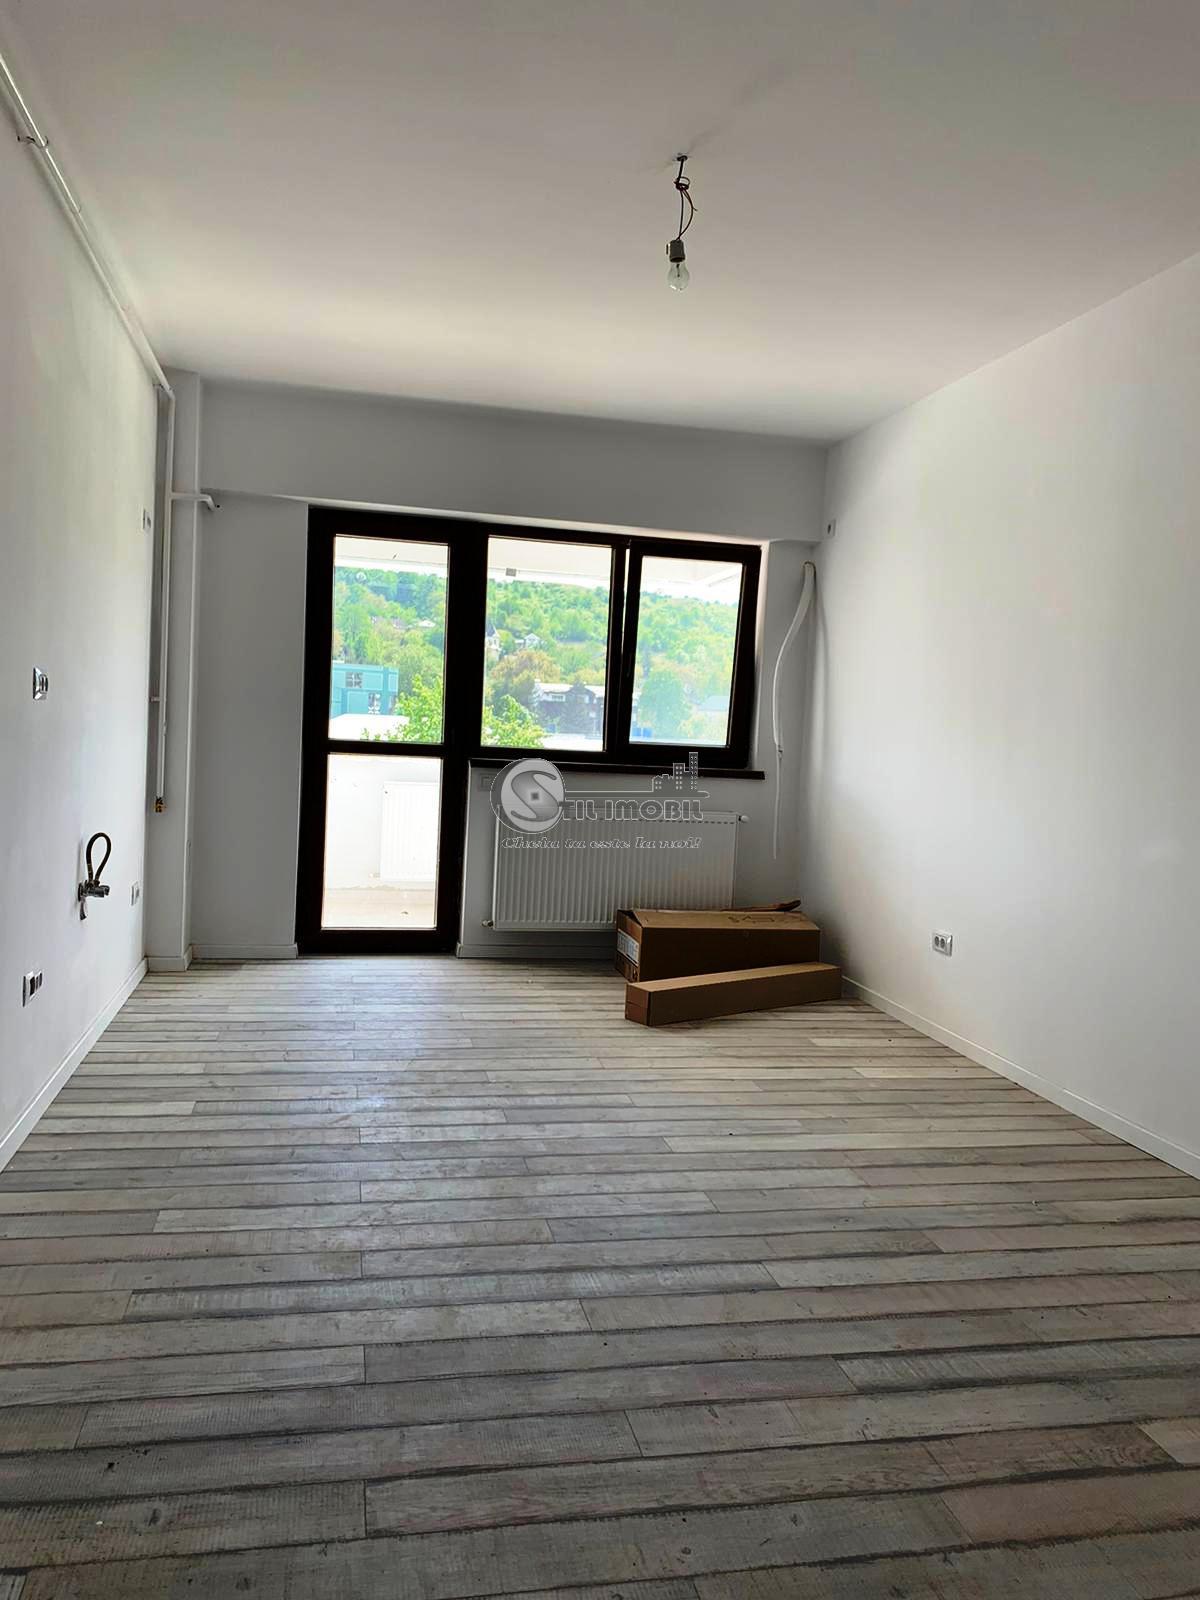 Apartament 2 camere, 55mp, Bucium->OMV,LIDL->65 520 EURO